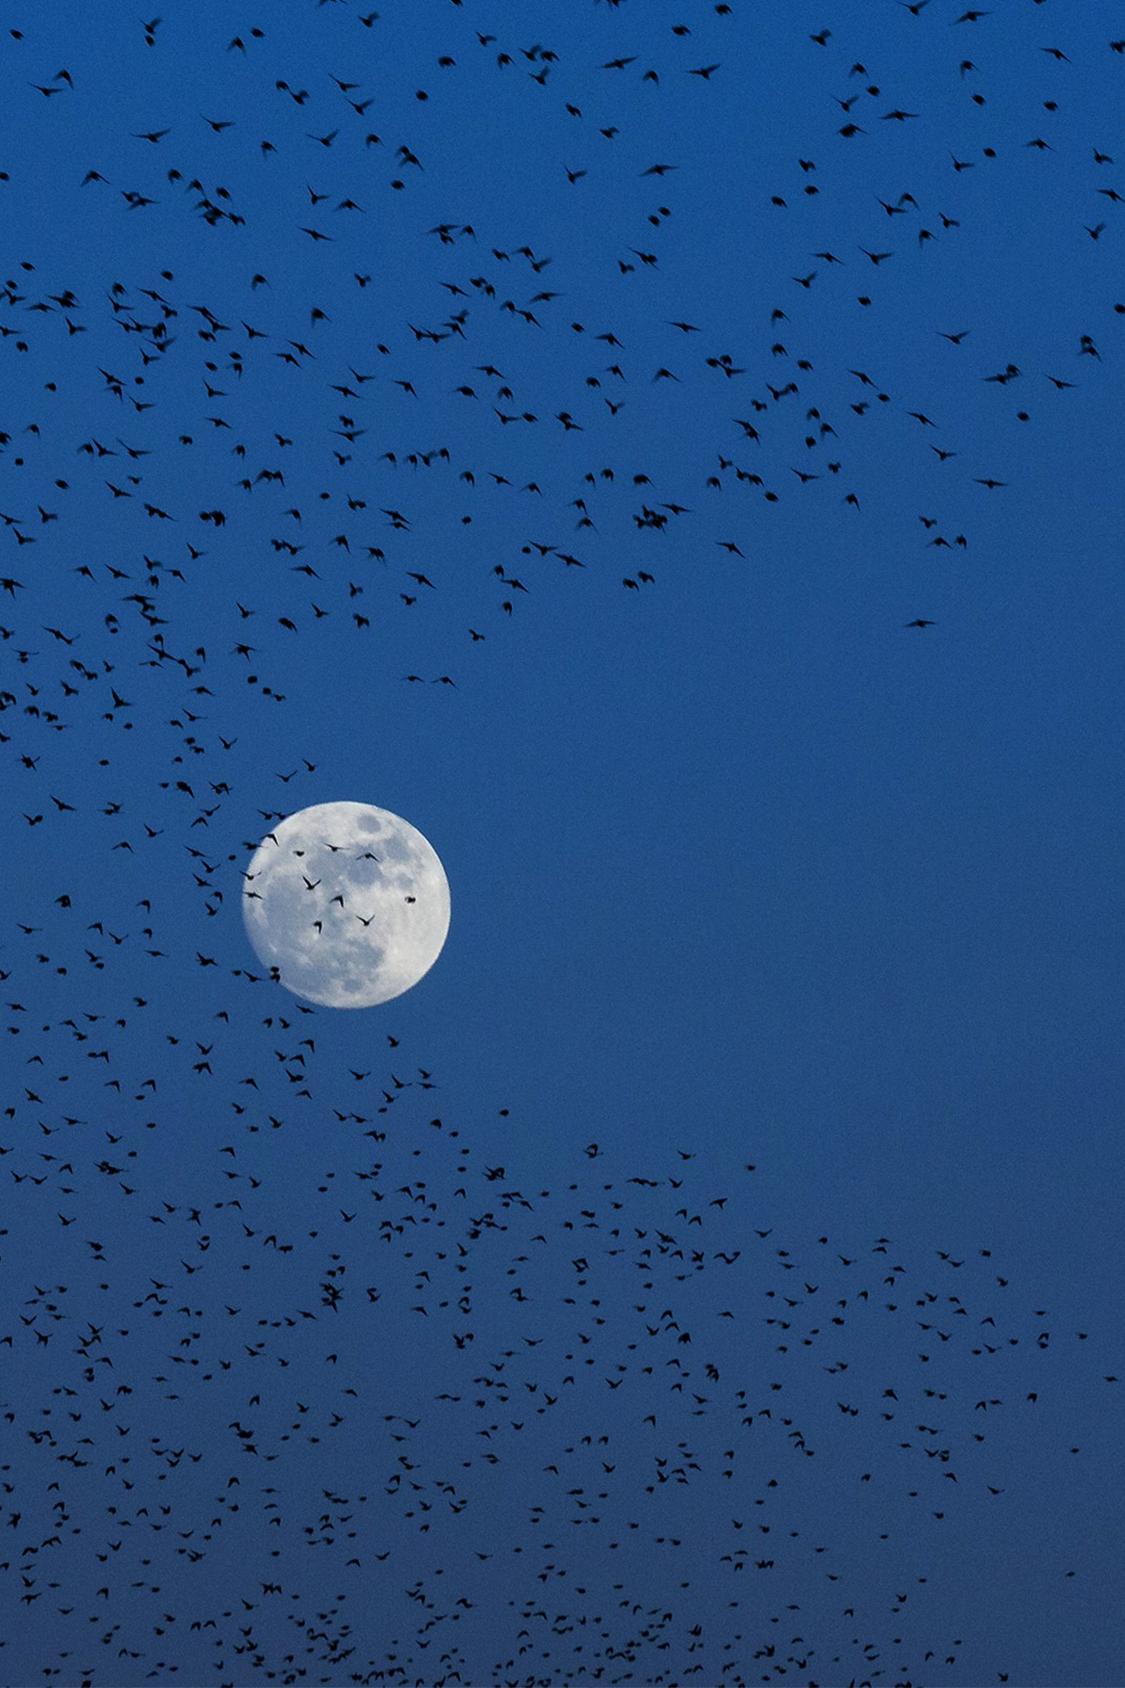 当地时间2017年1月11日,土耳其科尼亚,满月当空,一群鸟儿在自由飞舞。